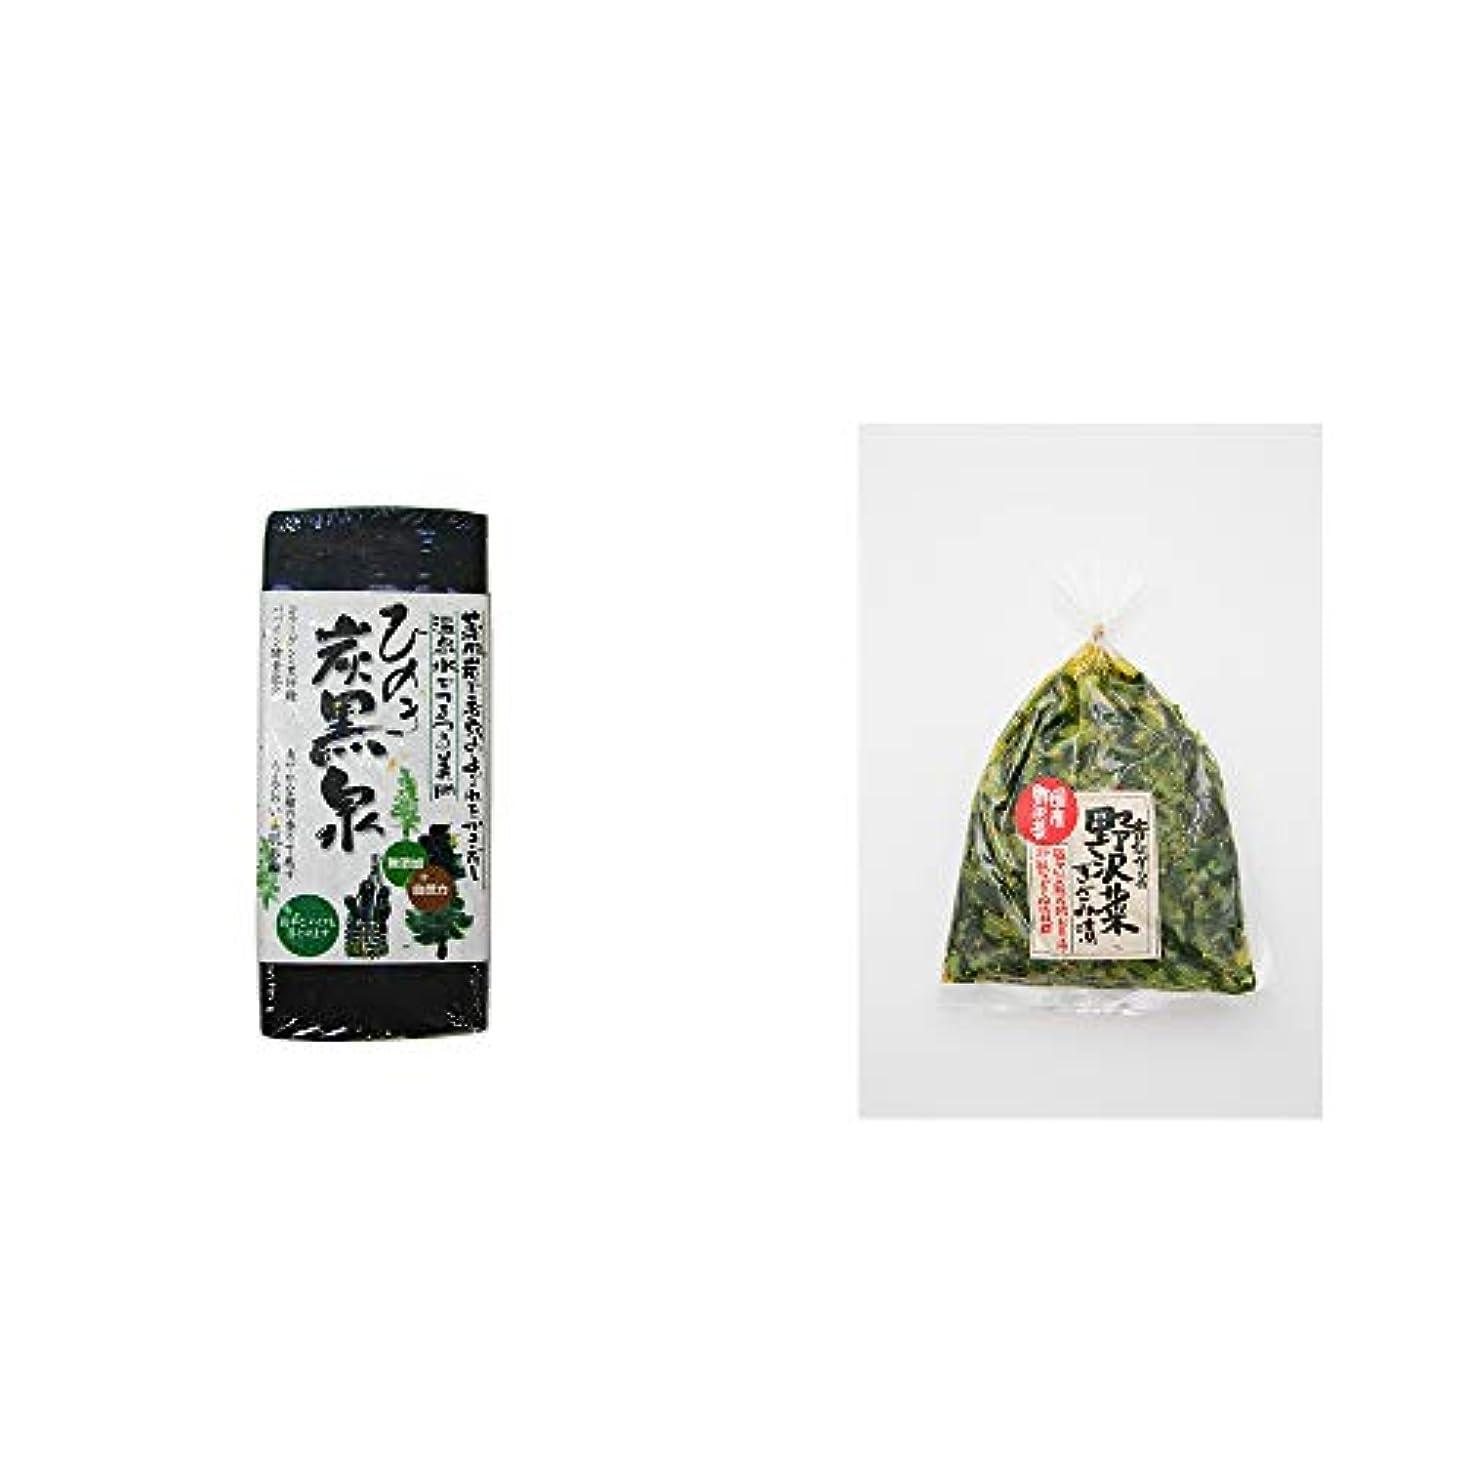 眠いですブランド名インポート[2点セット] ひのき炭黒泉(75g×2)?国産 昔ながらの野沢菜きざみ漬け(150g)